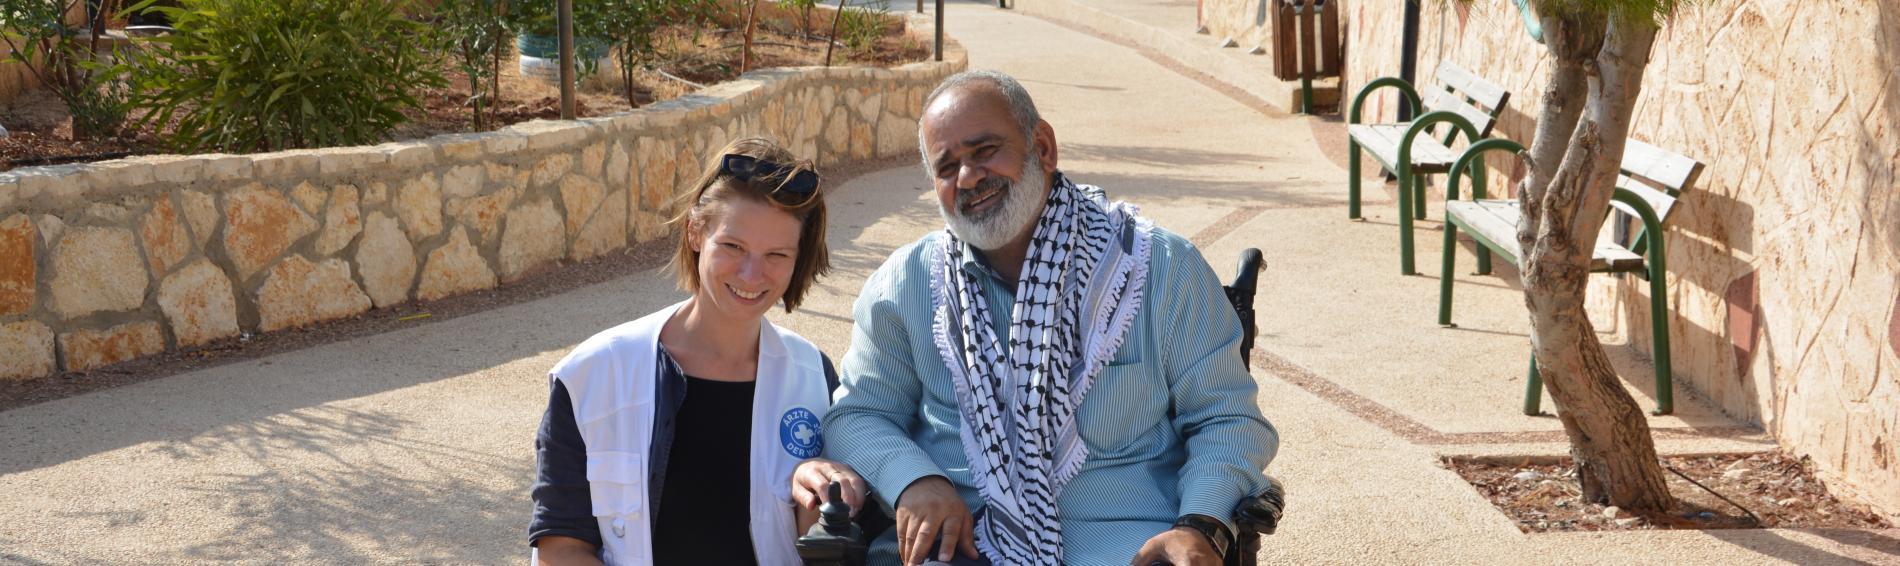 Sami Subuh, Gemeinderat Dorfes Aqabah mit Ärzte der Welt-Mitarbeiterin Stephanie Kirchner